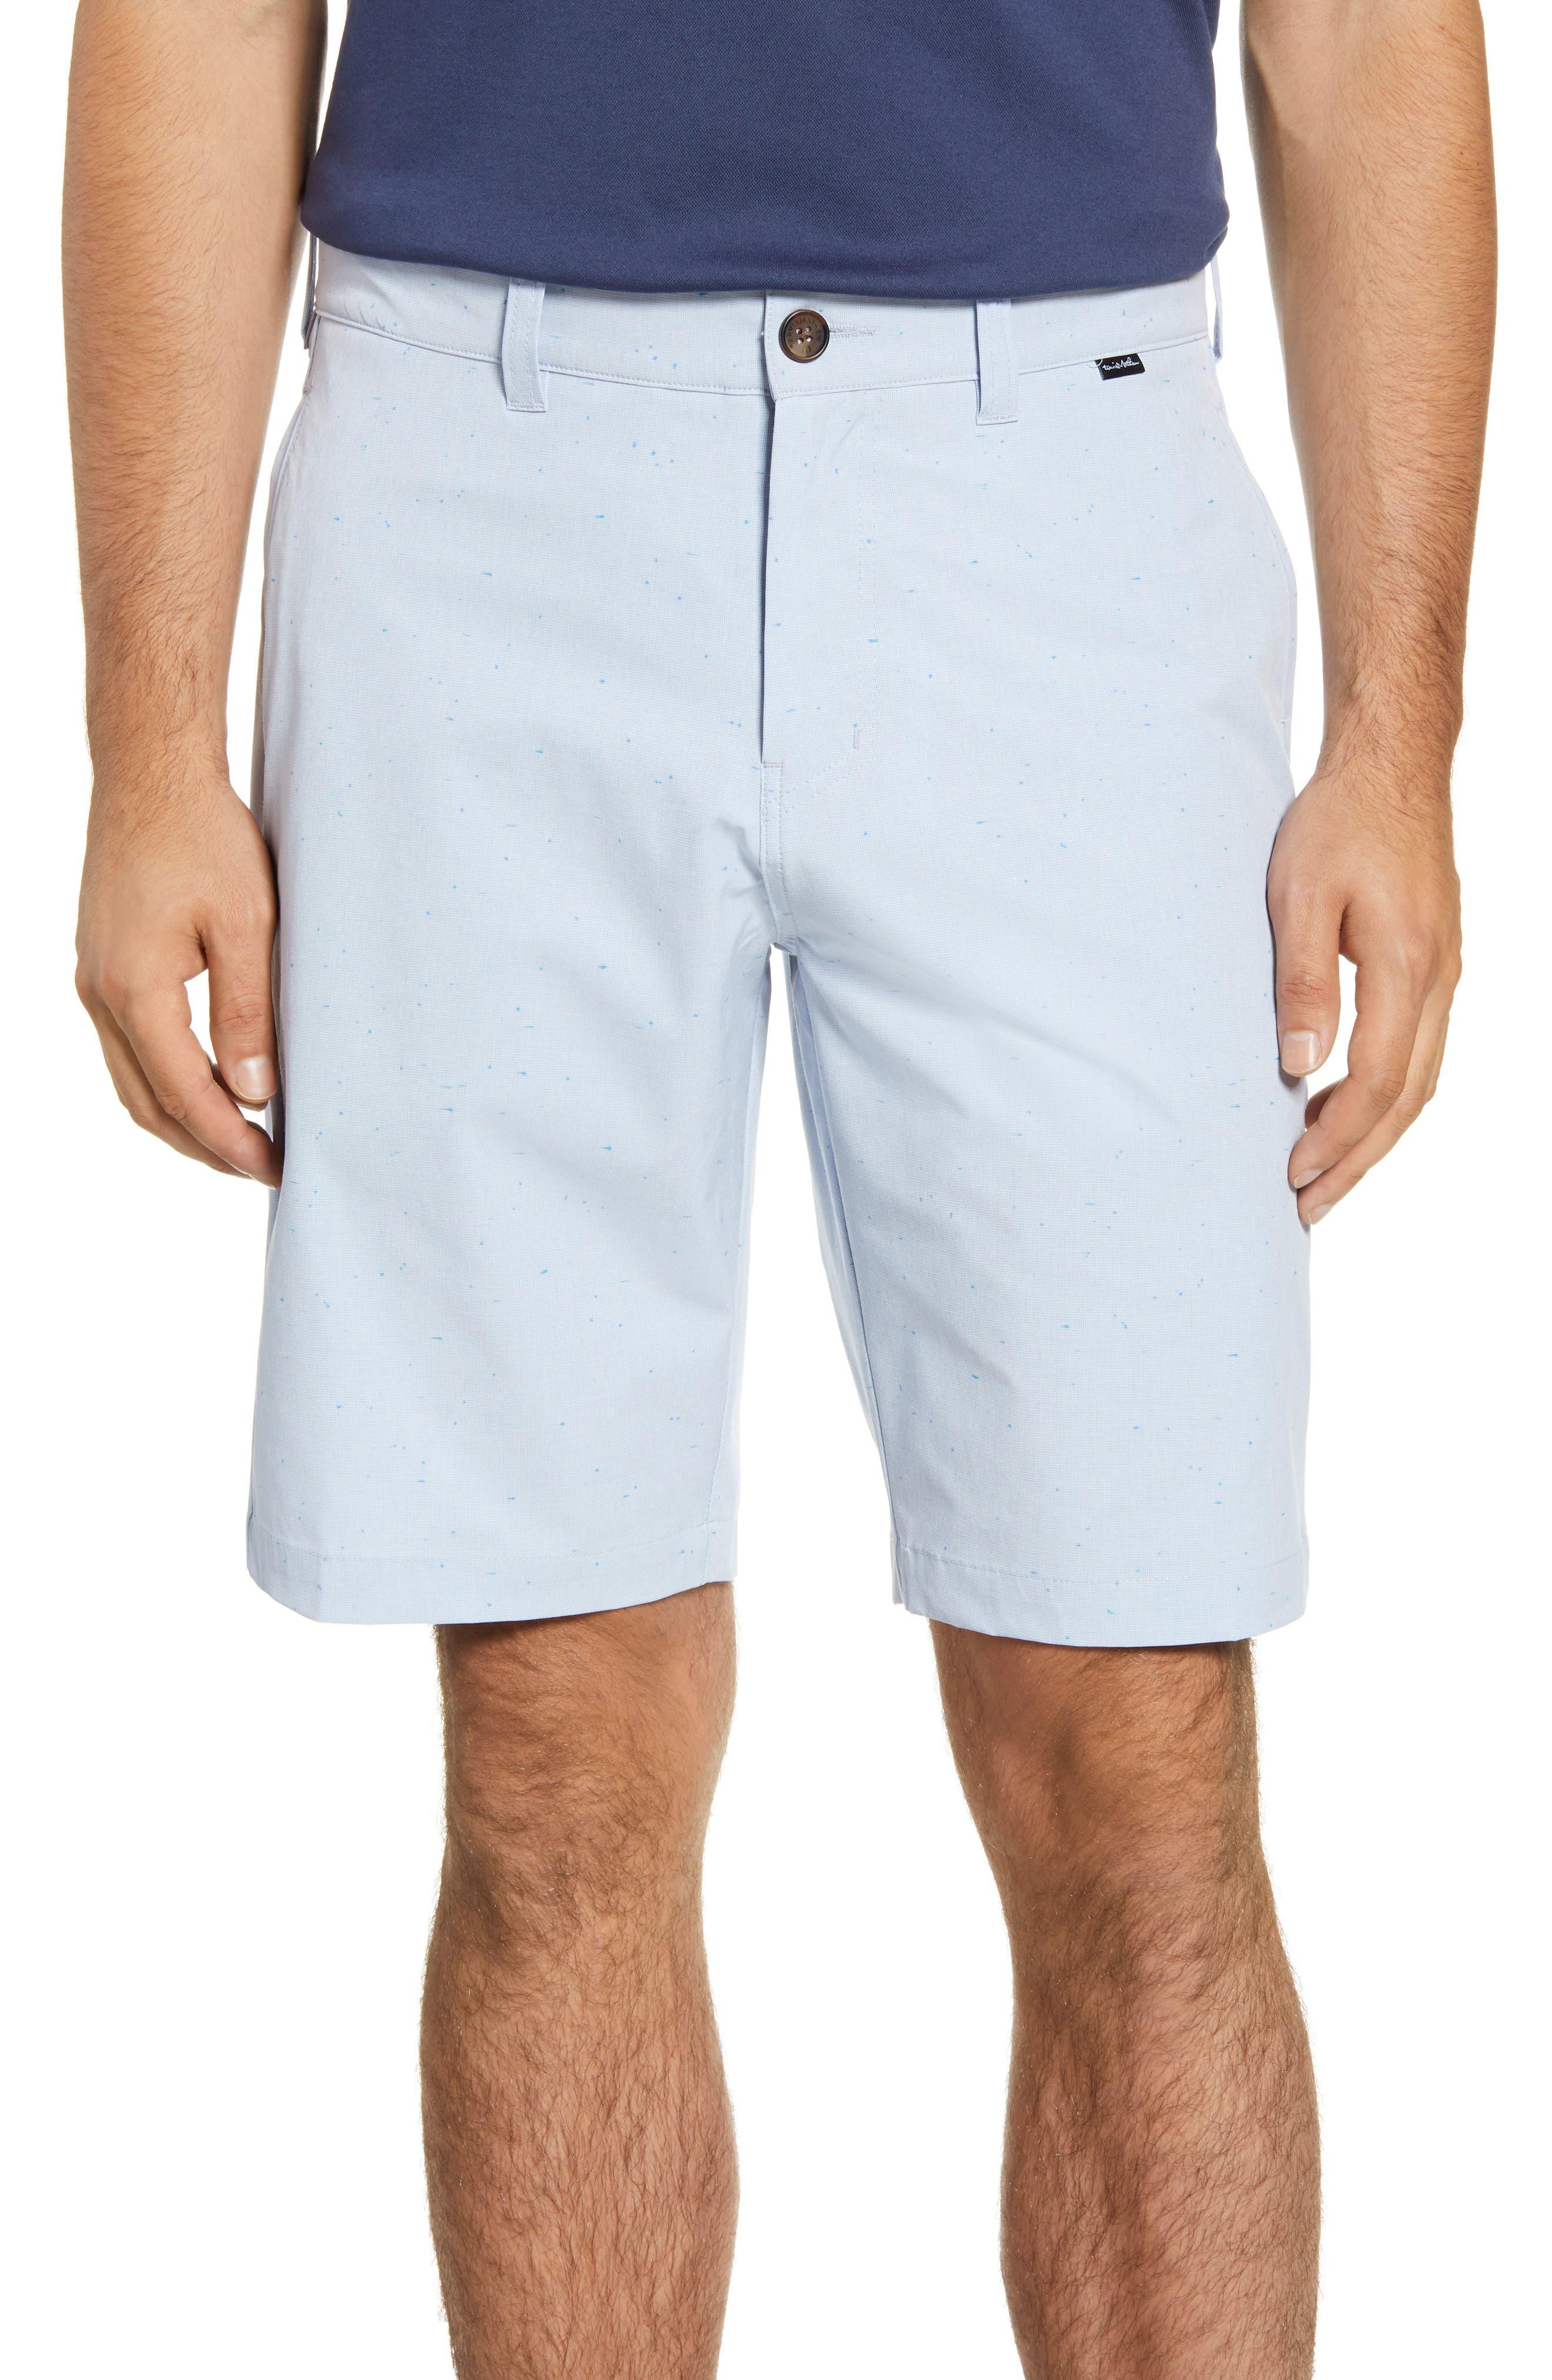 Image of TRAVIS MATHEW Oh Yeah Golf Shorts